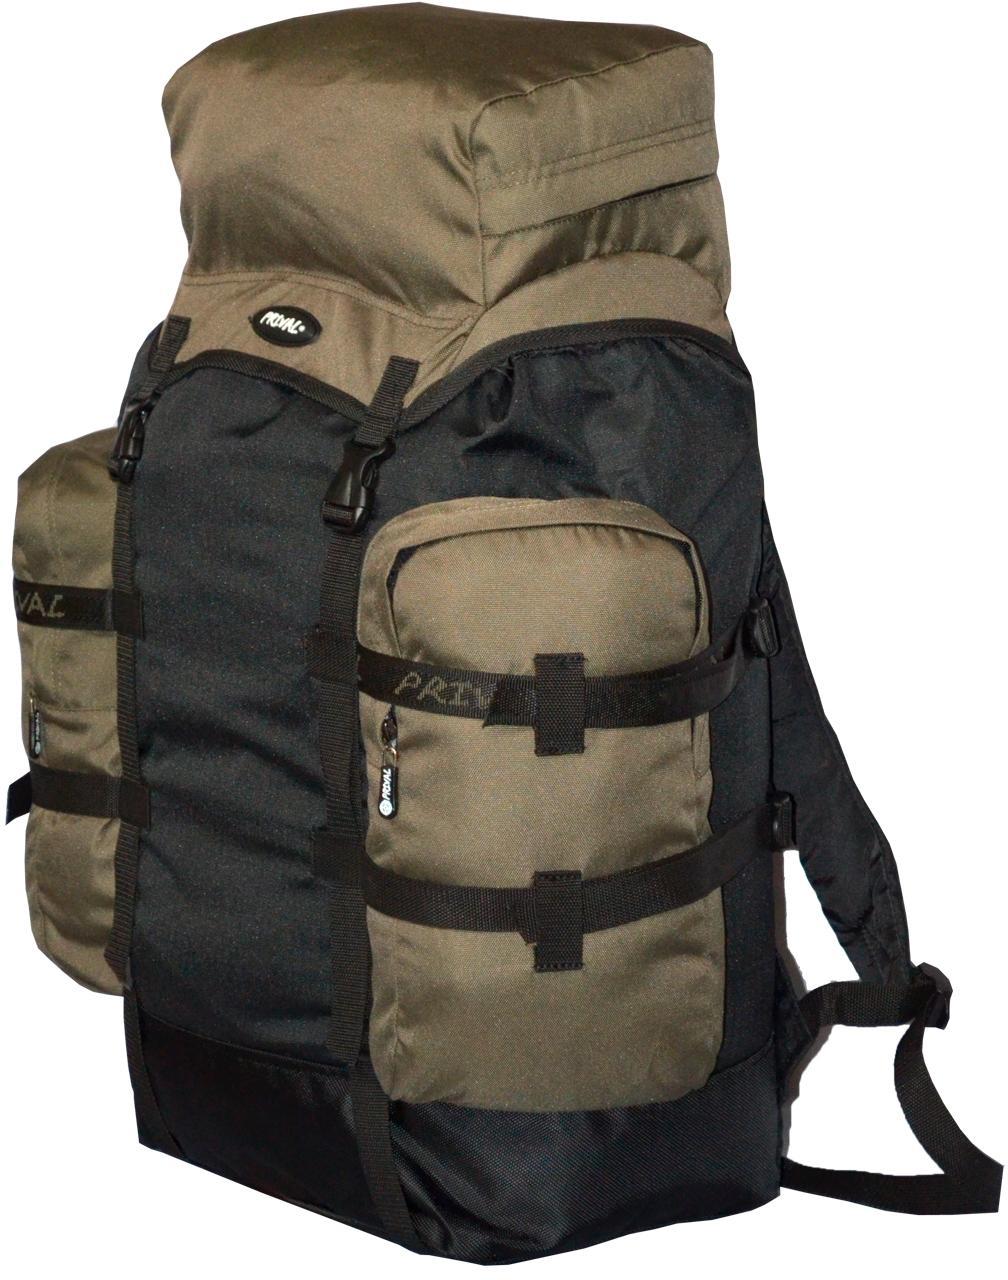 Рюкзак Кузьмич 70л. цвет хаки/черный, Рюкзаки для горных лыж и сноуборда - арт. 404880286